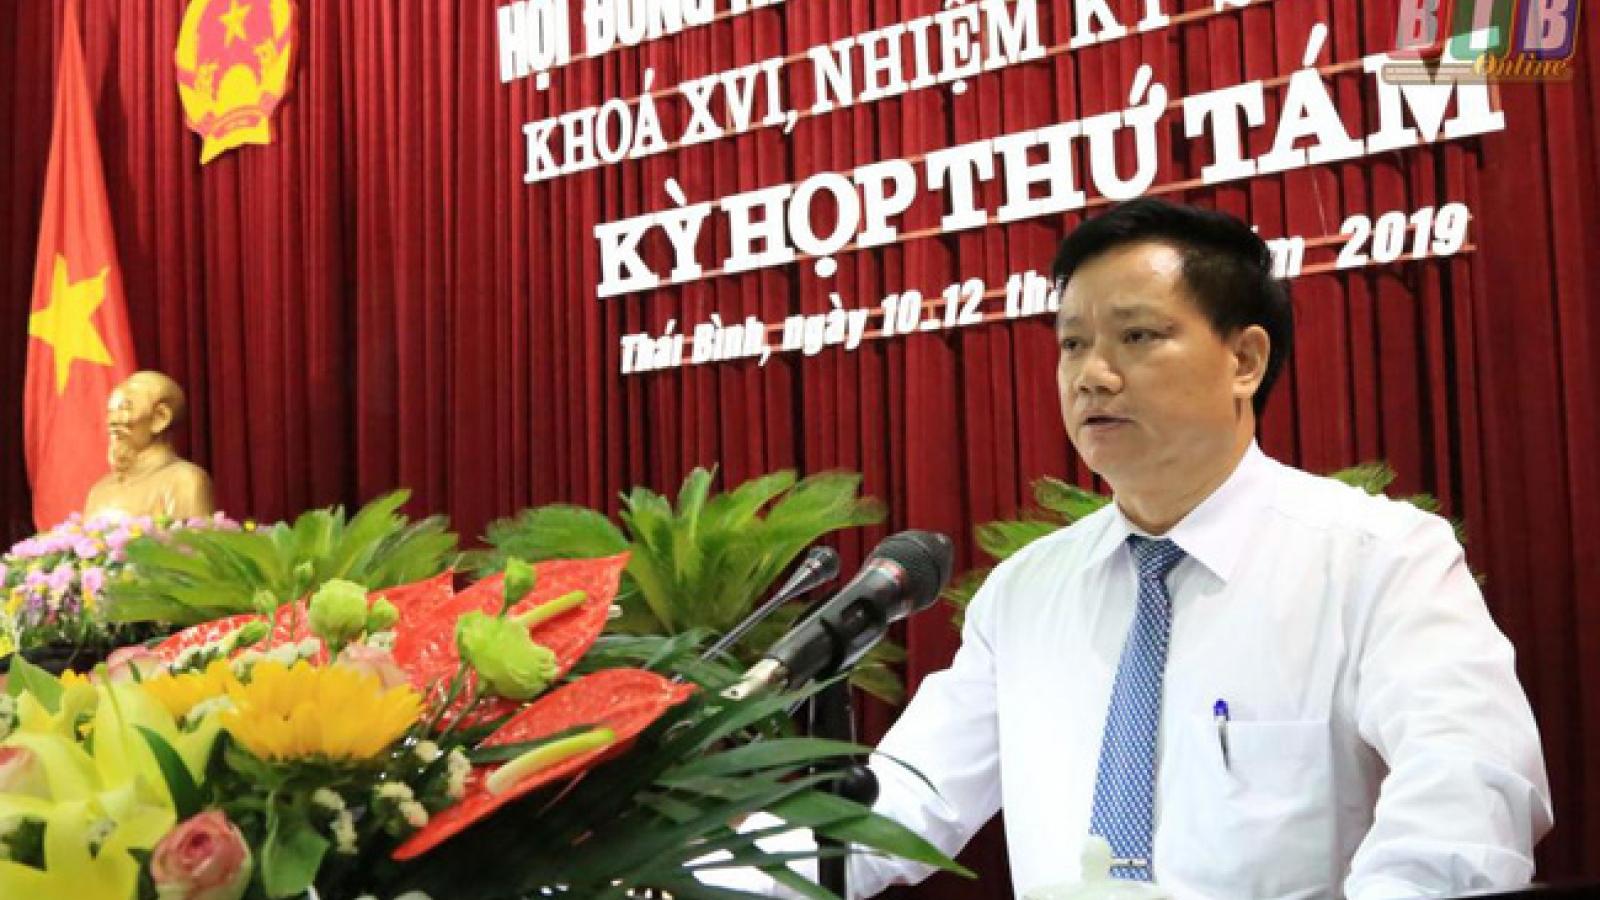 Thái Bình khẳng định bổ nhiệm Phó Chủ tịch UBND tỉnh đúng quy trình